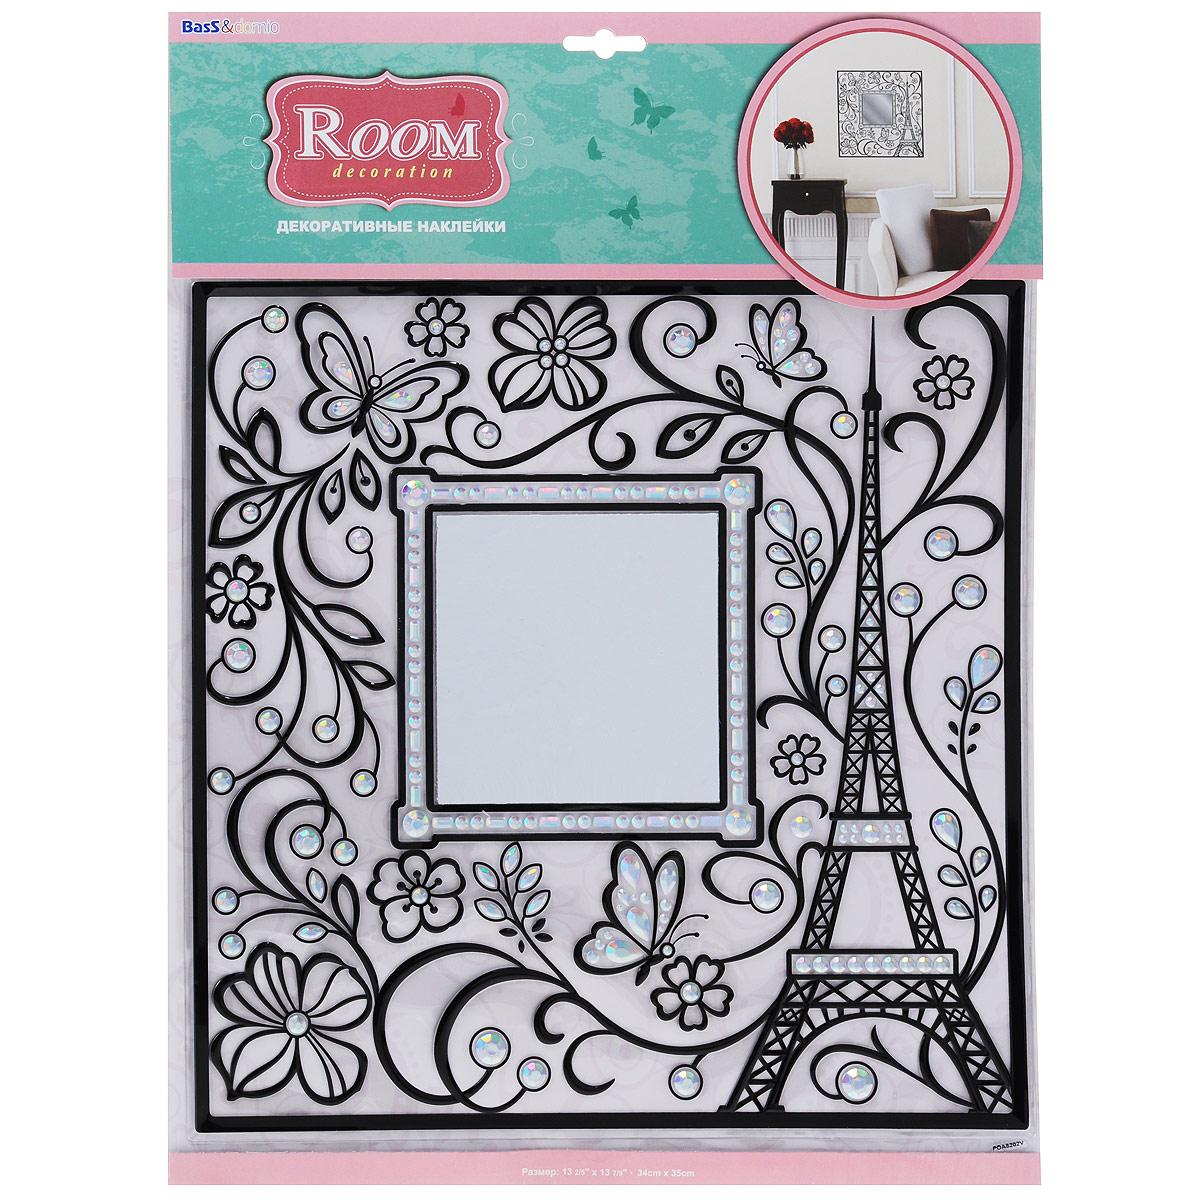 Наклейка для интерьера Room Decoration Эйфелева башня, 34 х 33 см